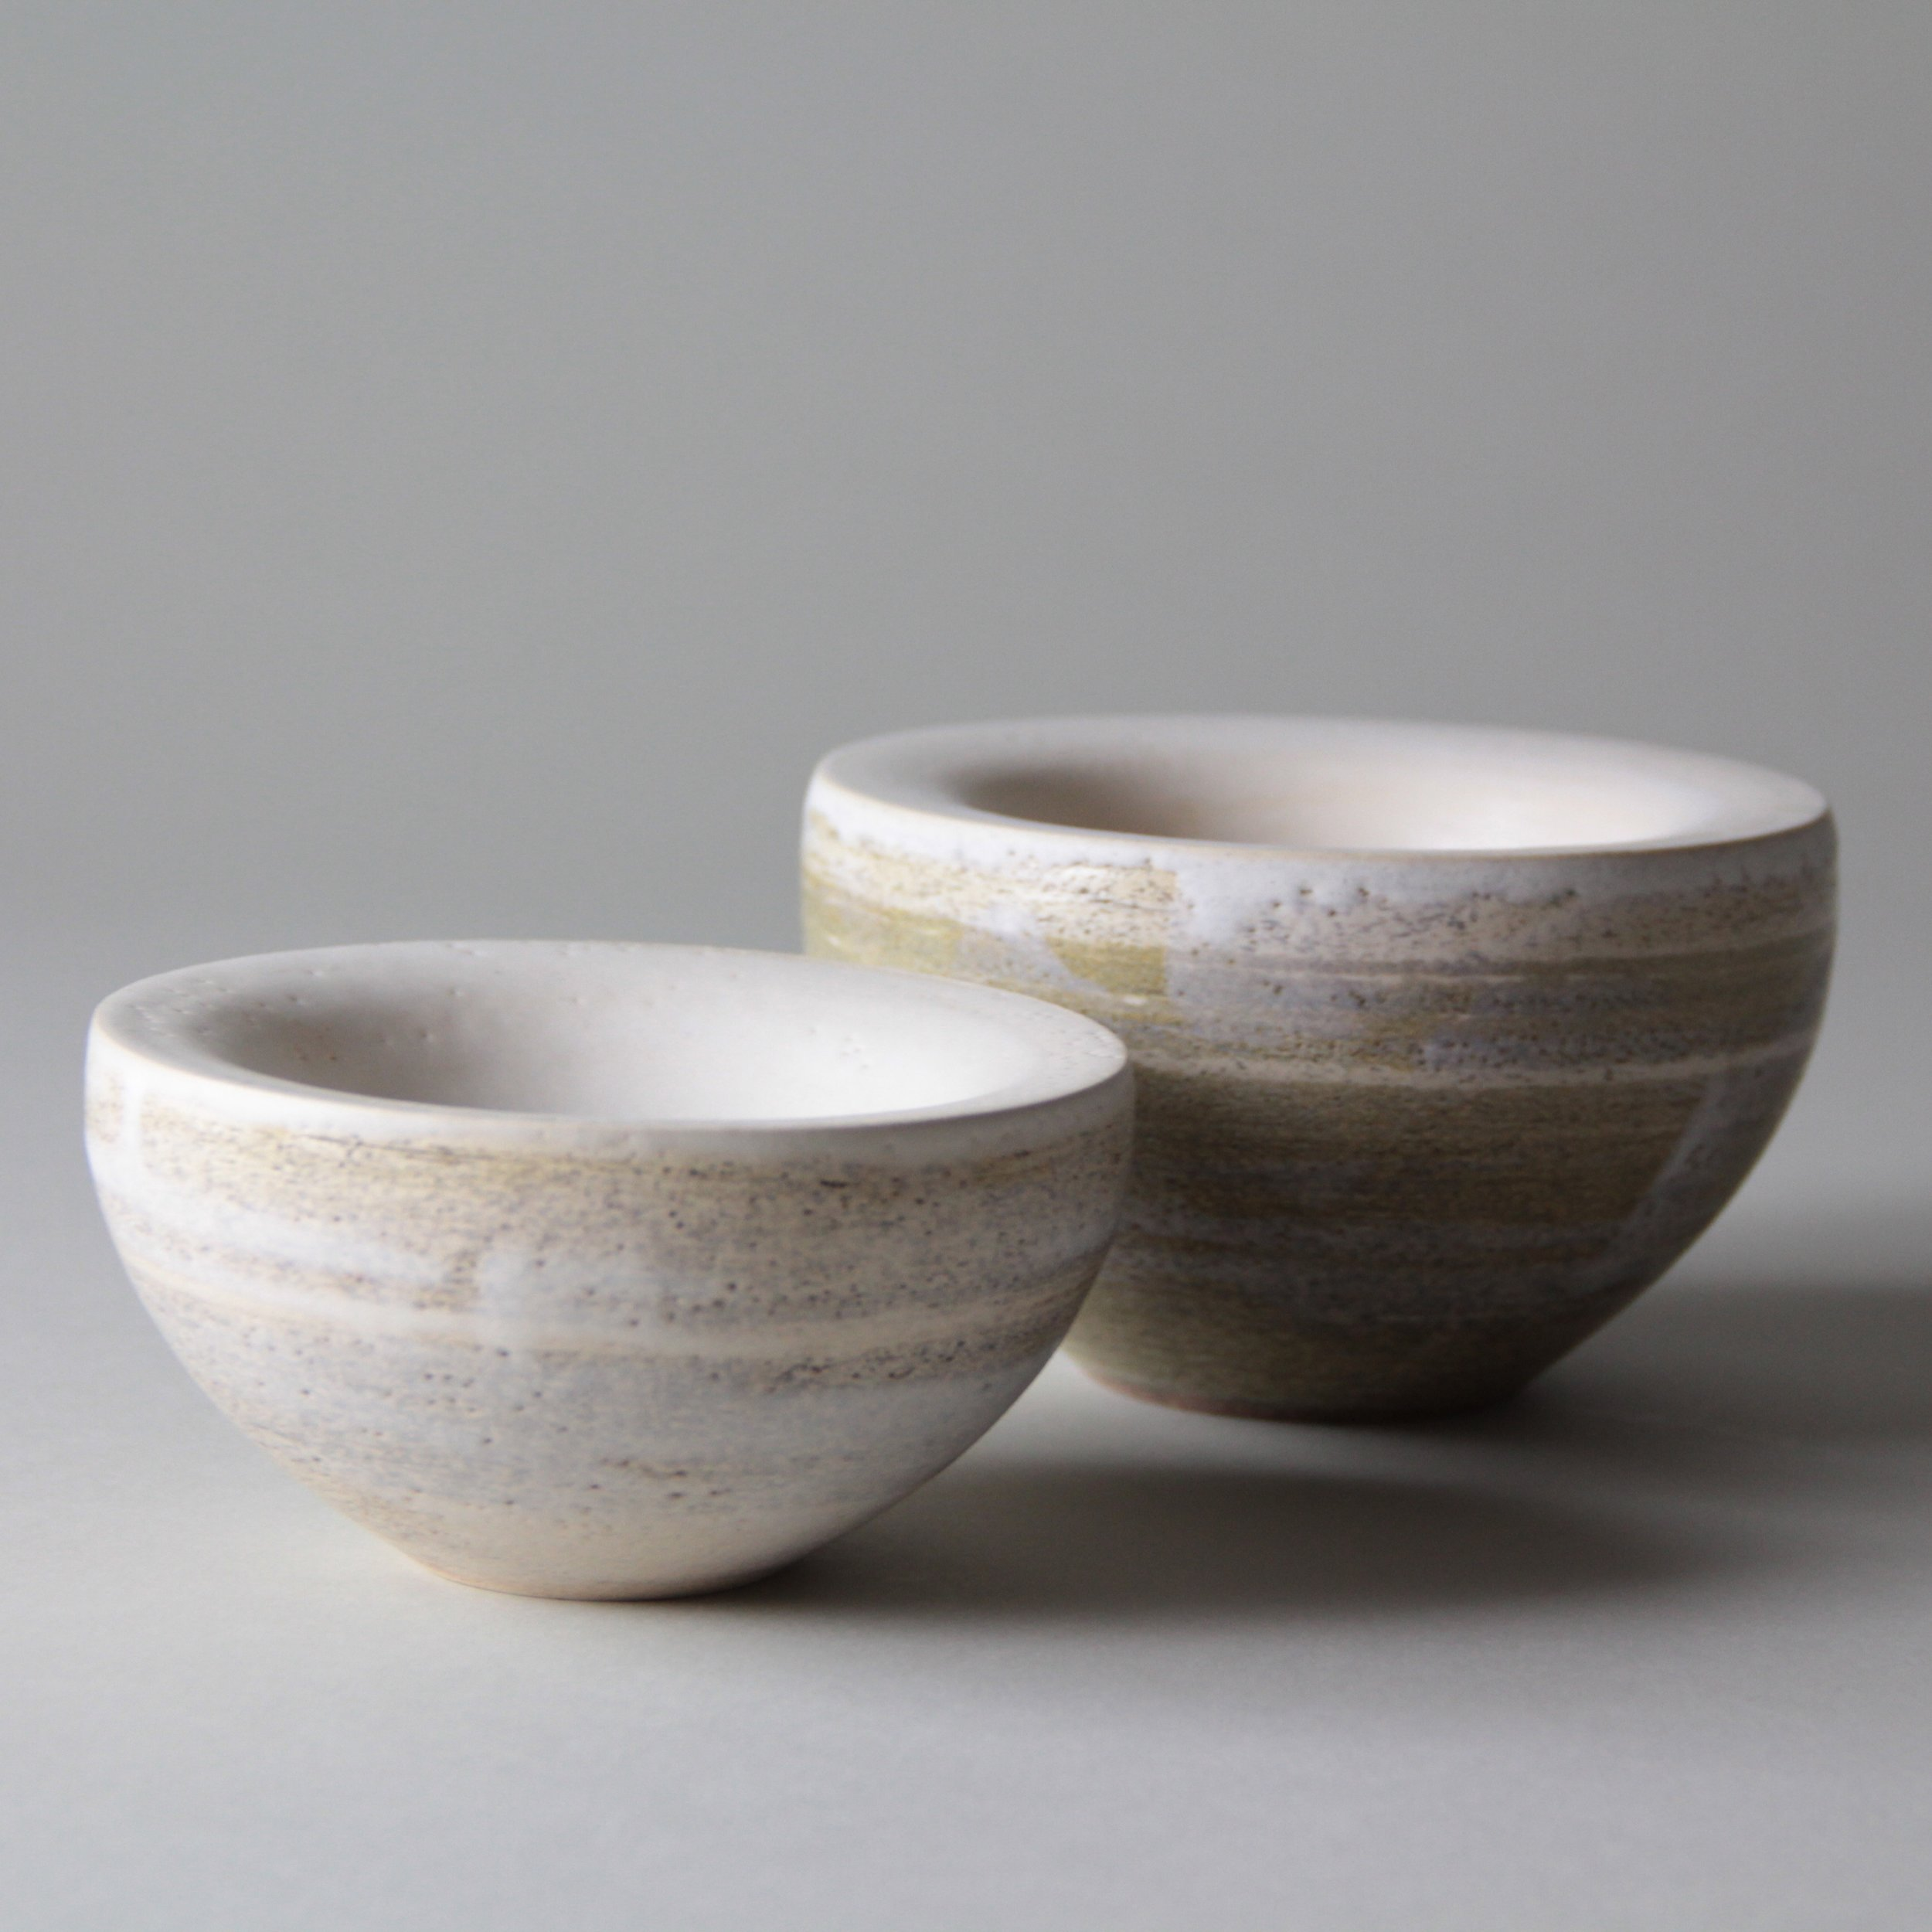 Stoneware ceramic bowls by Lilith Rockett, Portland, Oregon